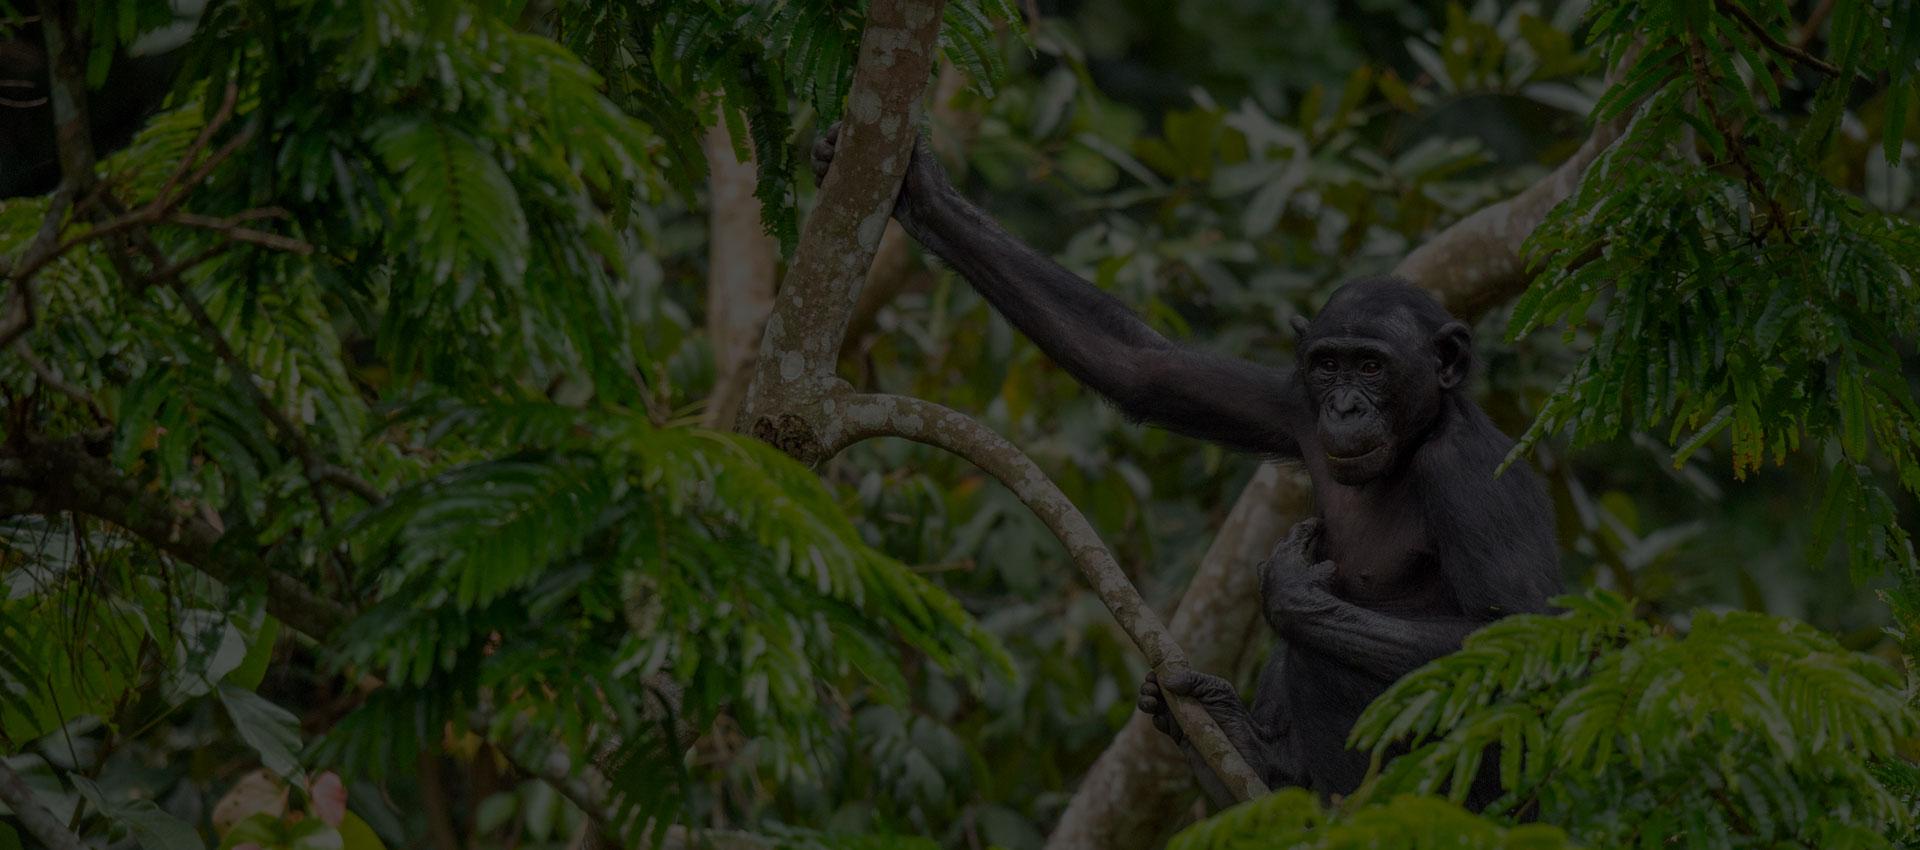 Préservation de bonobos